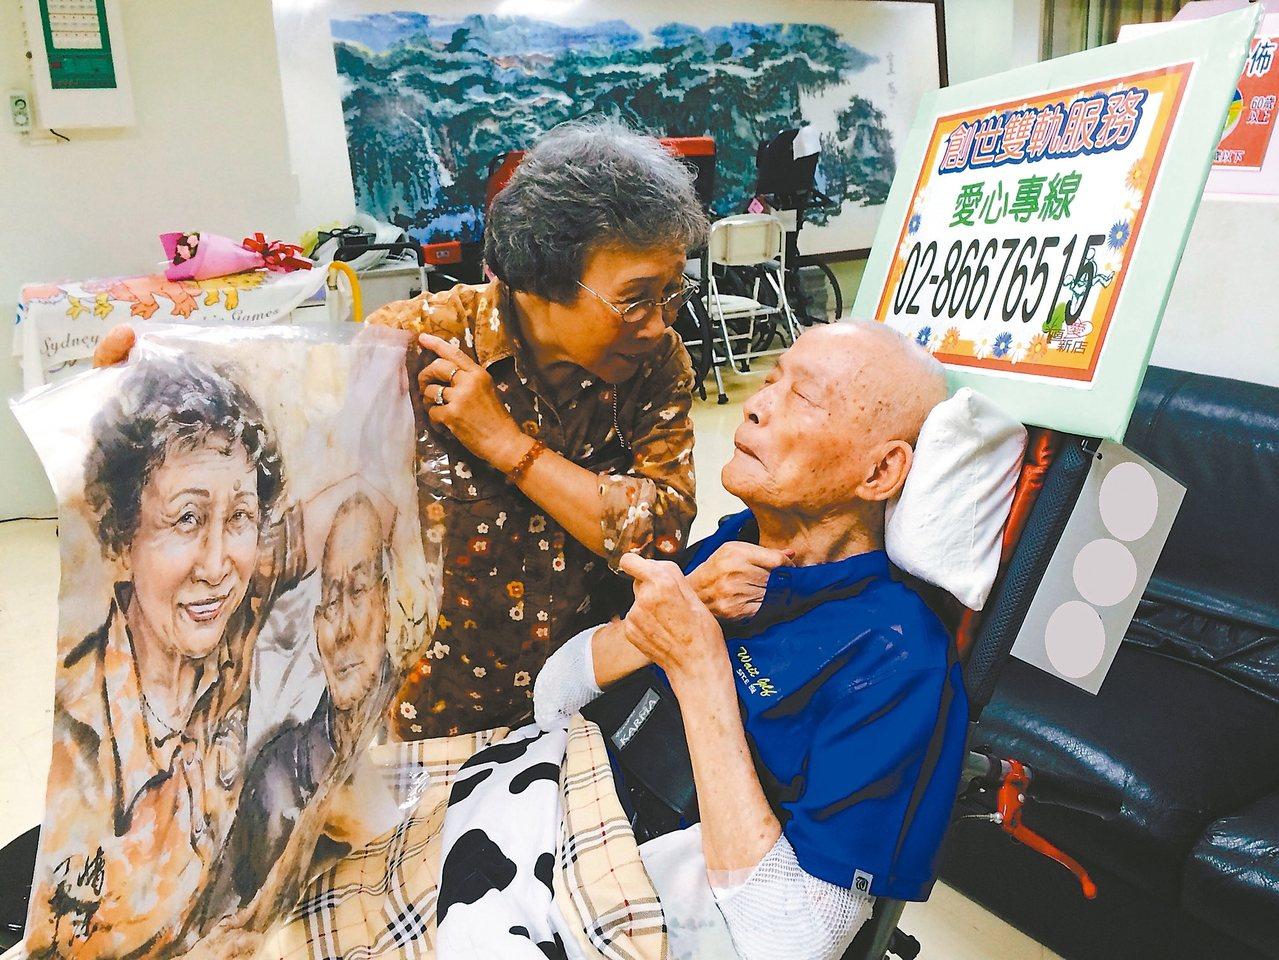 袁立章爺爺與袁奶奶2人結婚57年,第一次有張夫妻畫像。 圖/創世新店分院提供